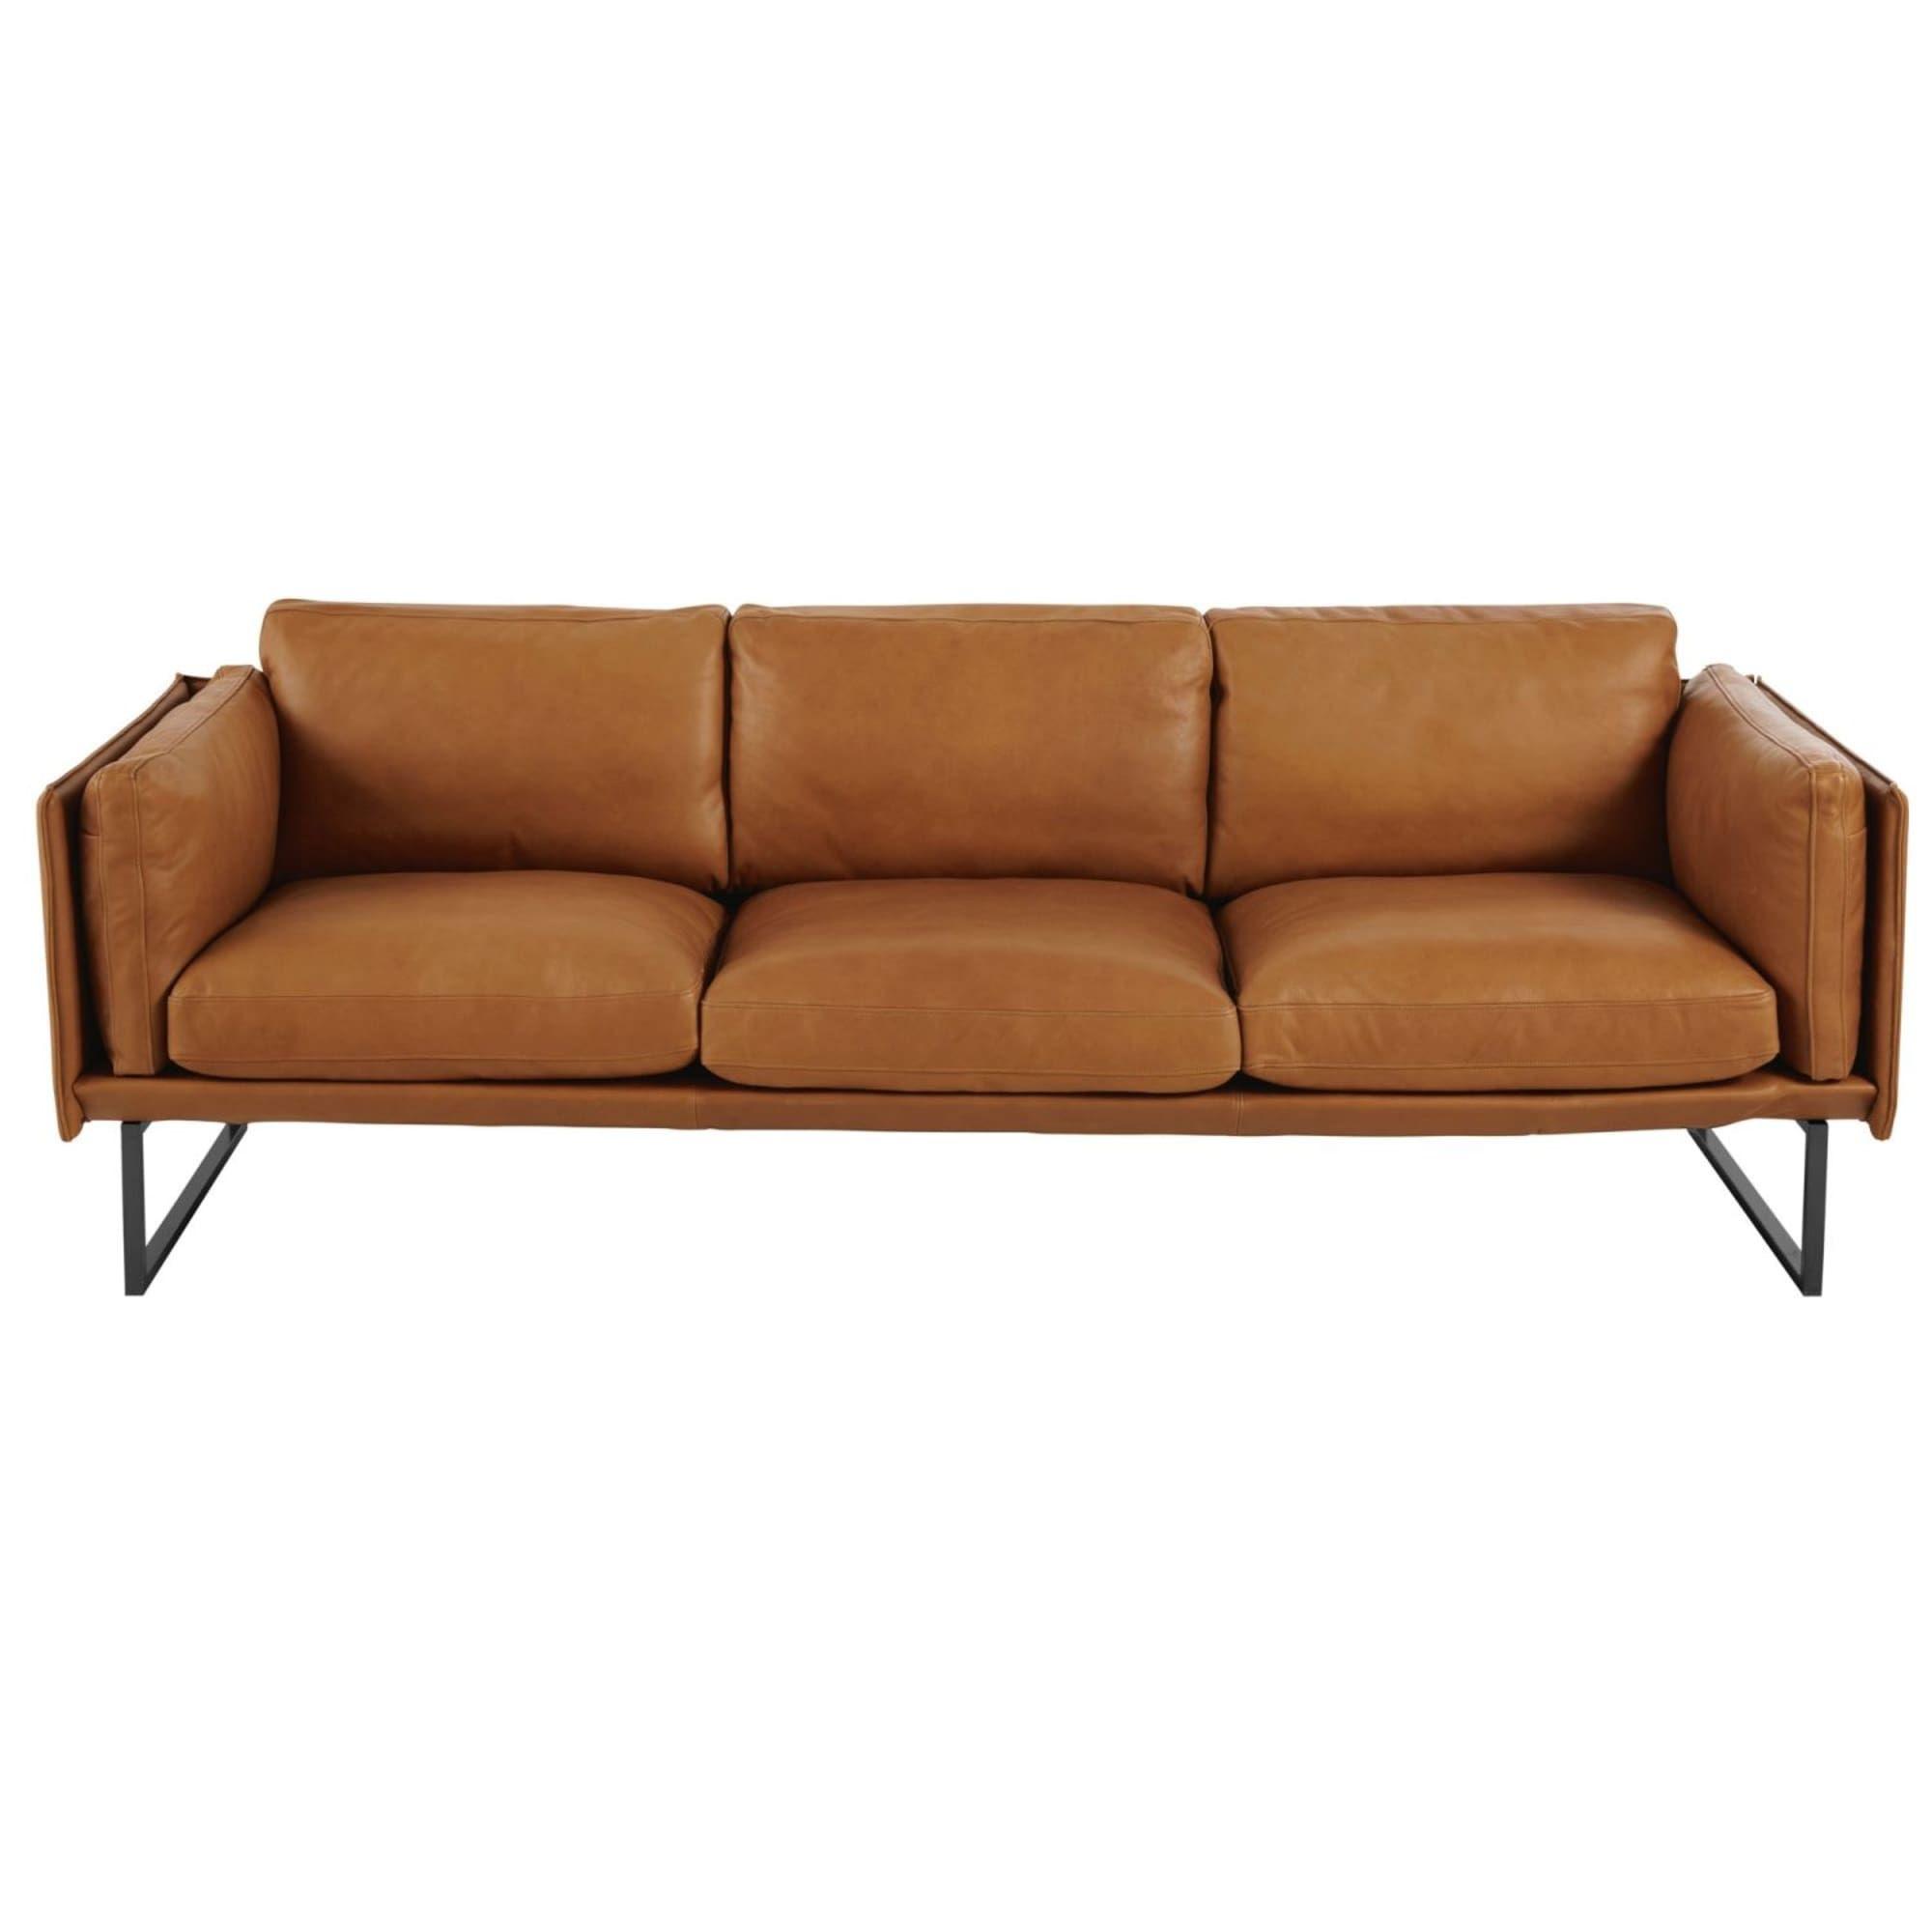 2 Sitzer Sofas 3 Sitzer Couches 2 Sitzer Sofa Sofas 3 Sitzer Sofa